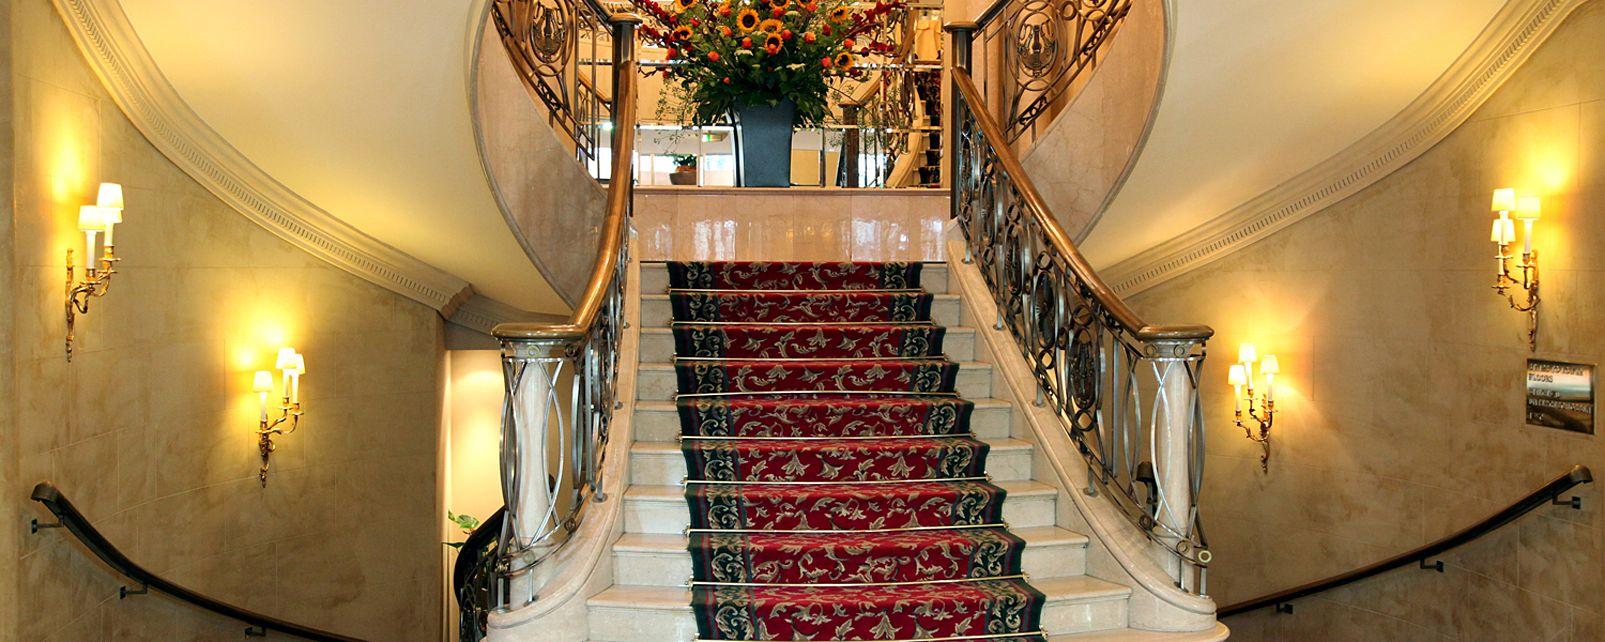 Hôtel Grand Hotel Vienna